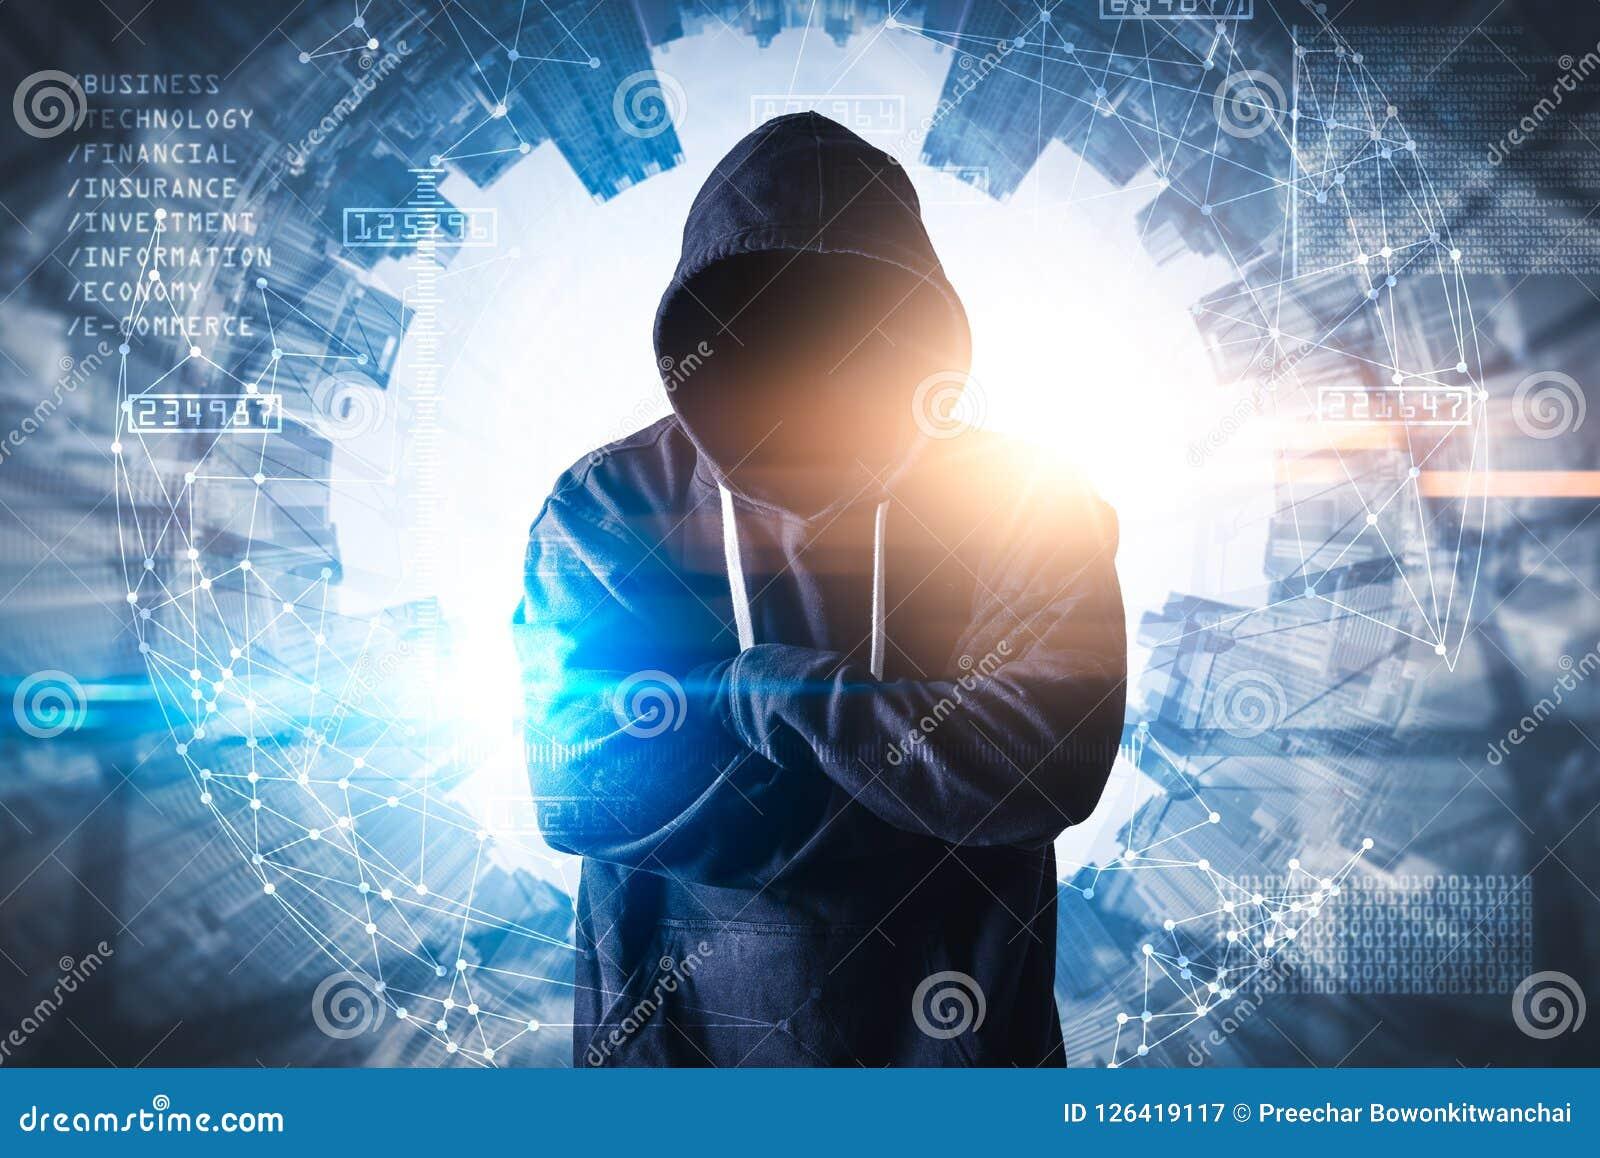 黑客常设覆盖物的抽象图象有未来派全息图和未来都市风景的是背景